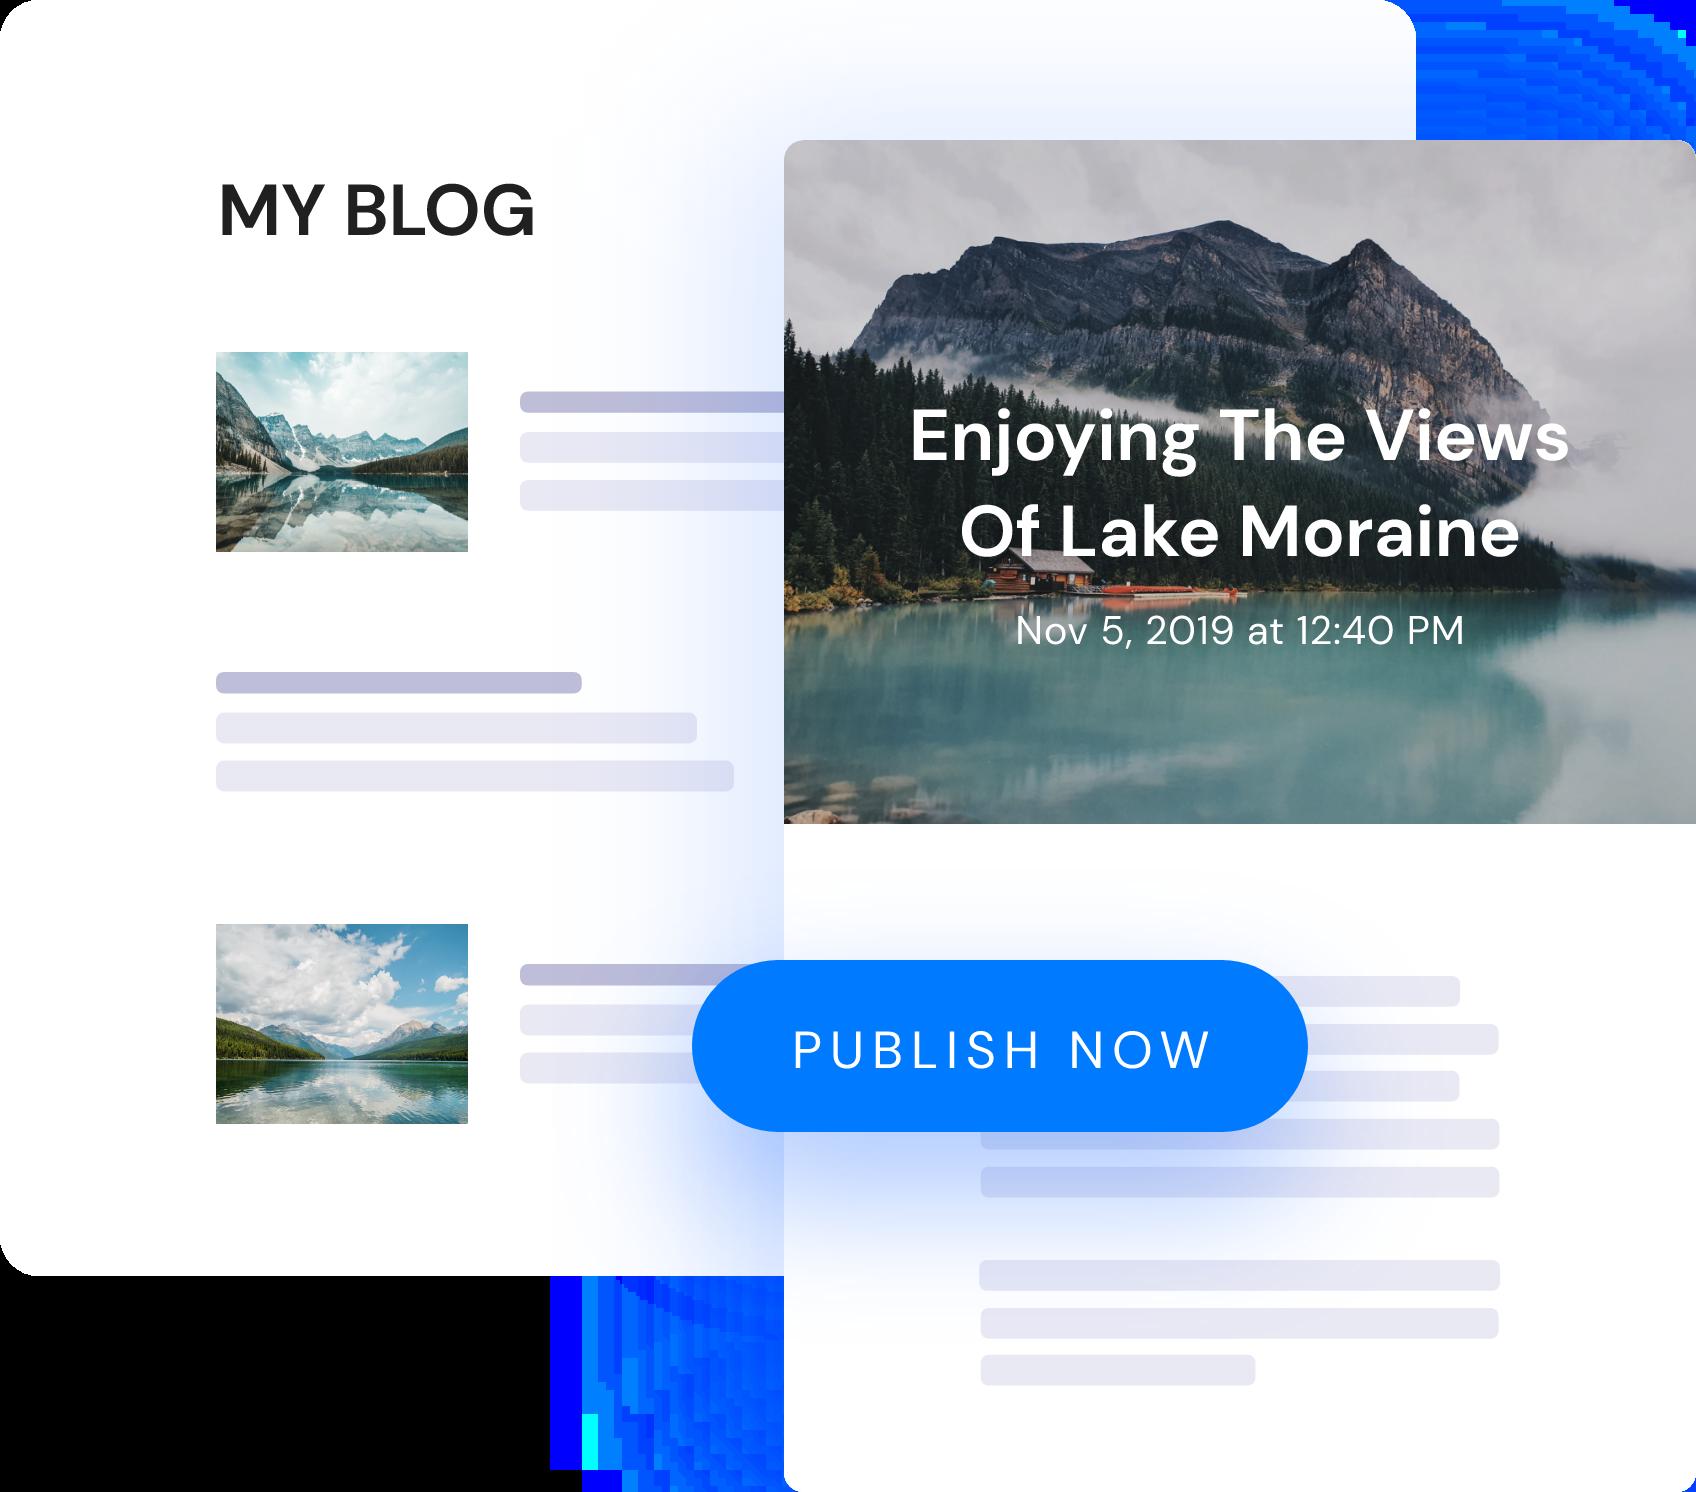 Image one click publishing